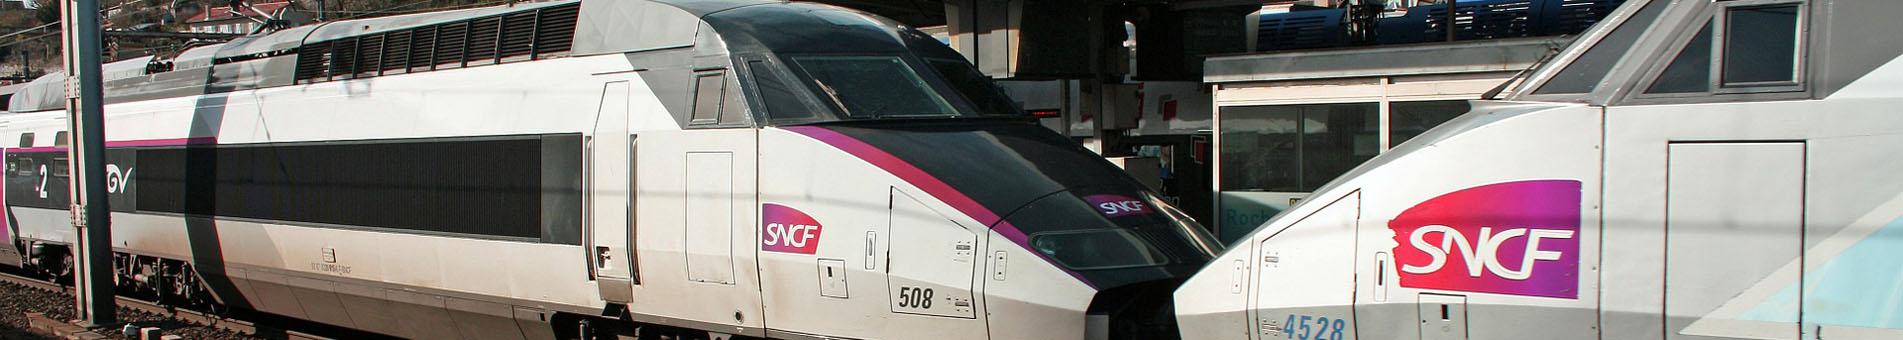 Zomer toegankelijkheid per trein